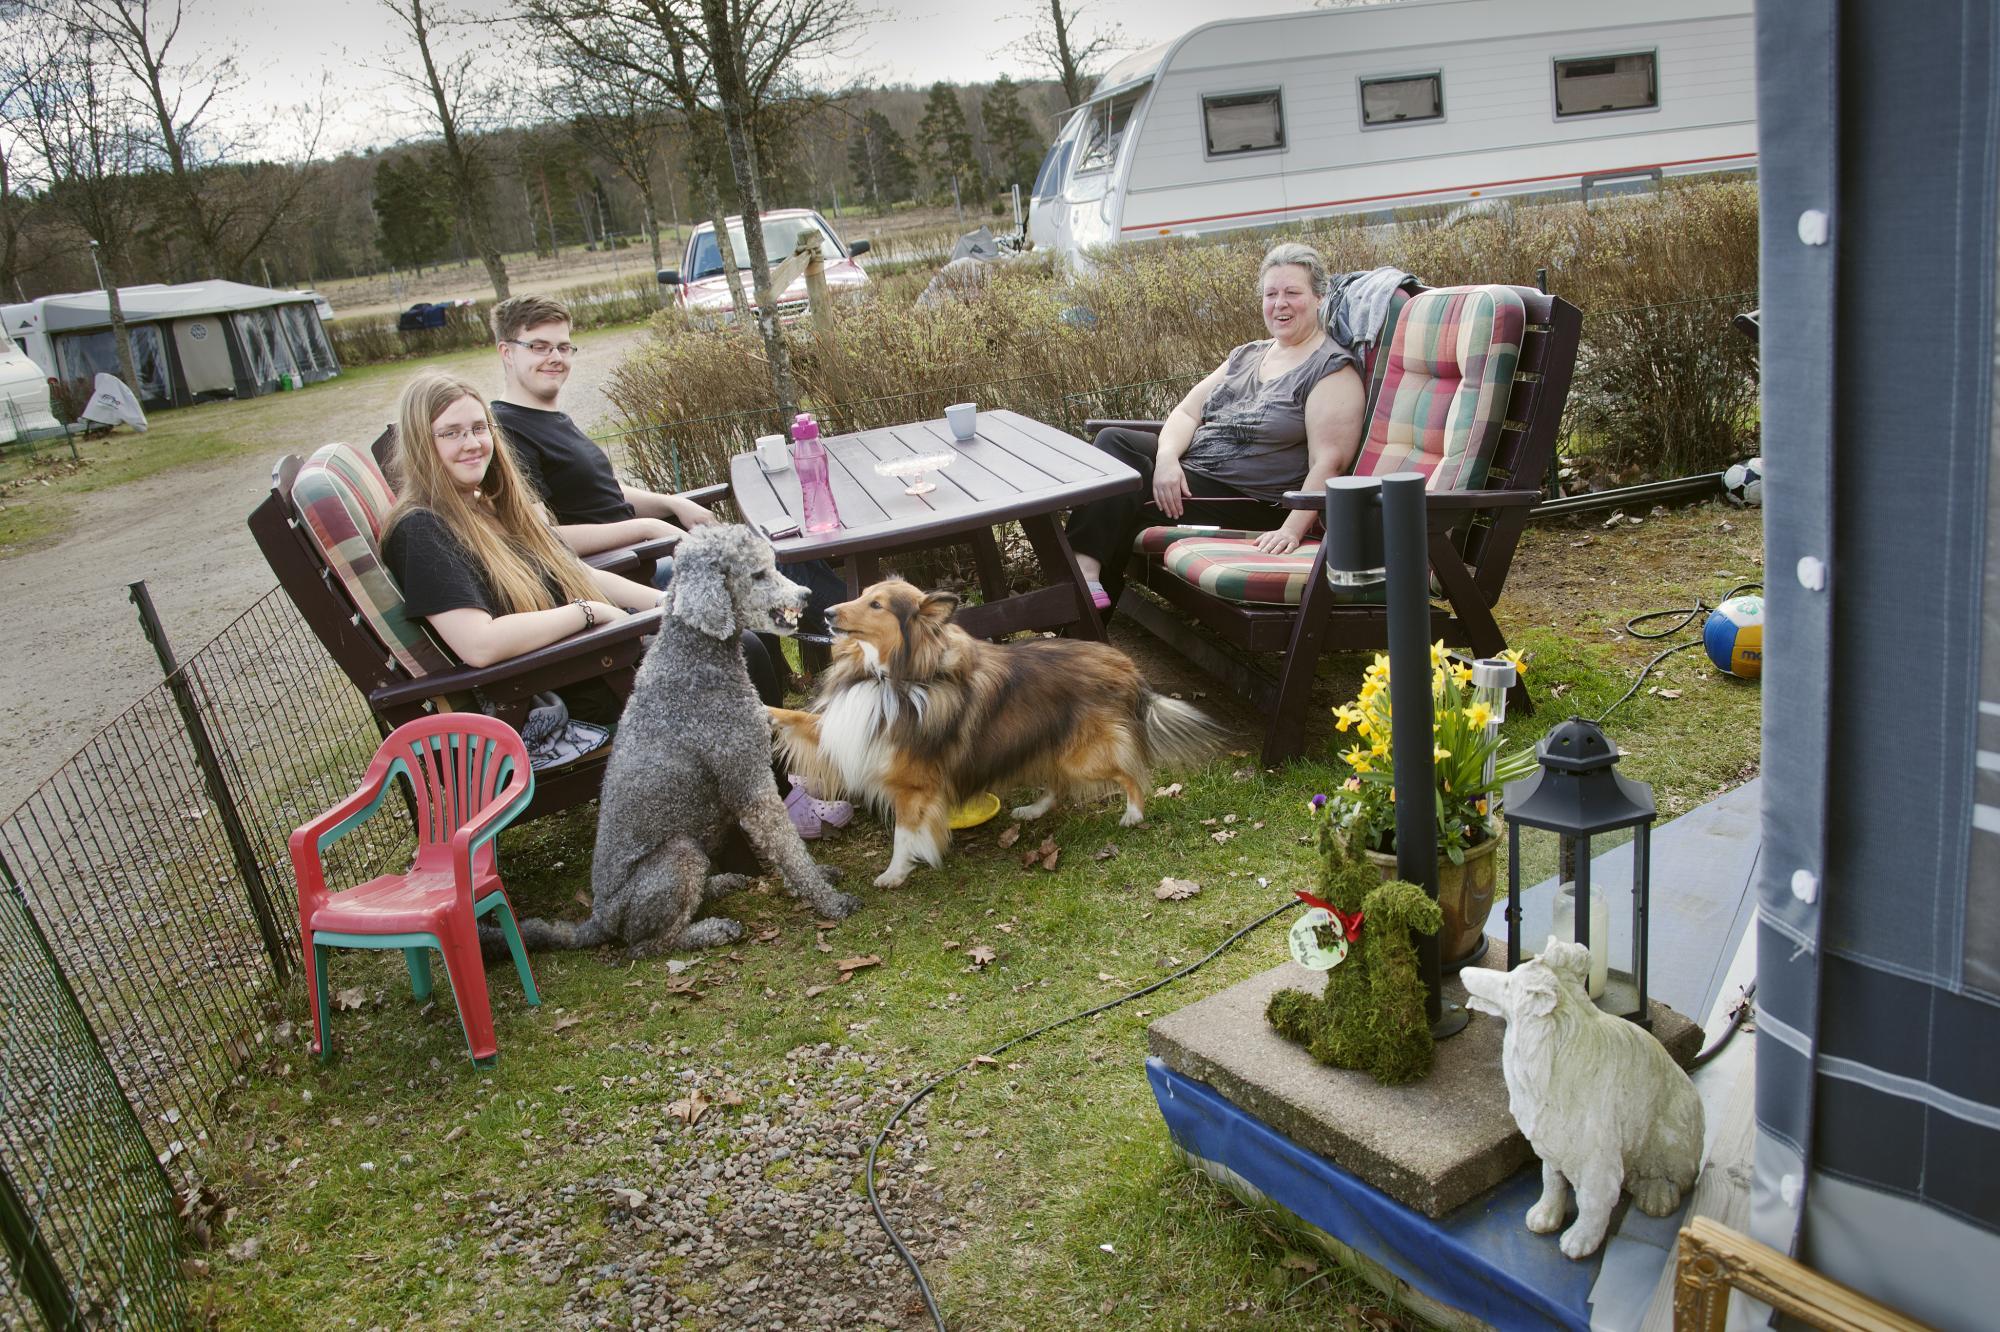 Christina Karlberg samt syskonen Robert ochRebeccaAlveljung är fast boende på campingen tillsammans med pudeltikenRonja och Sheltiehannen Sigge.